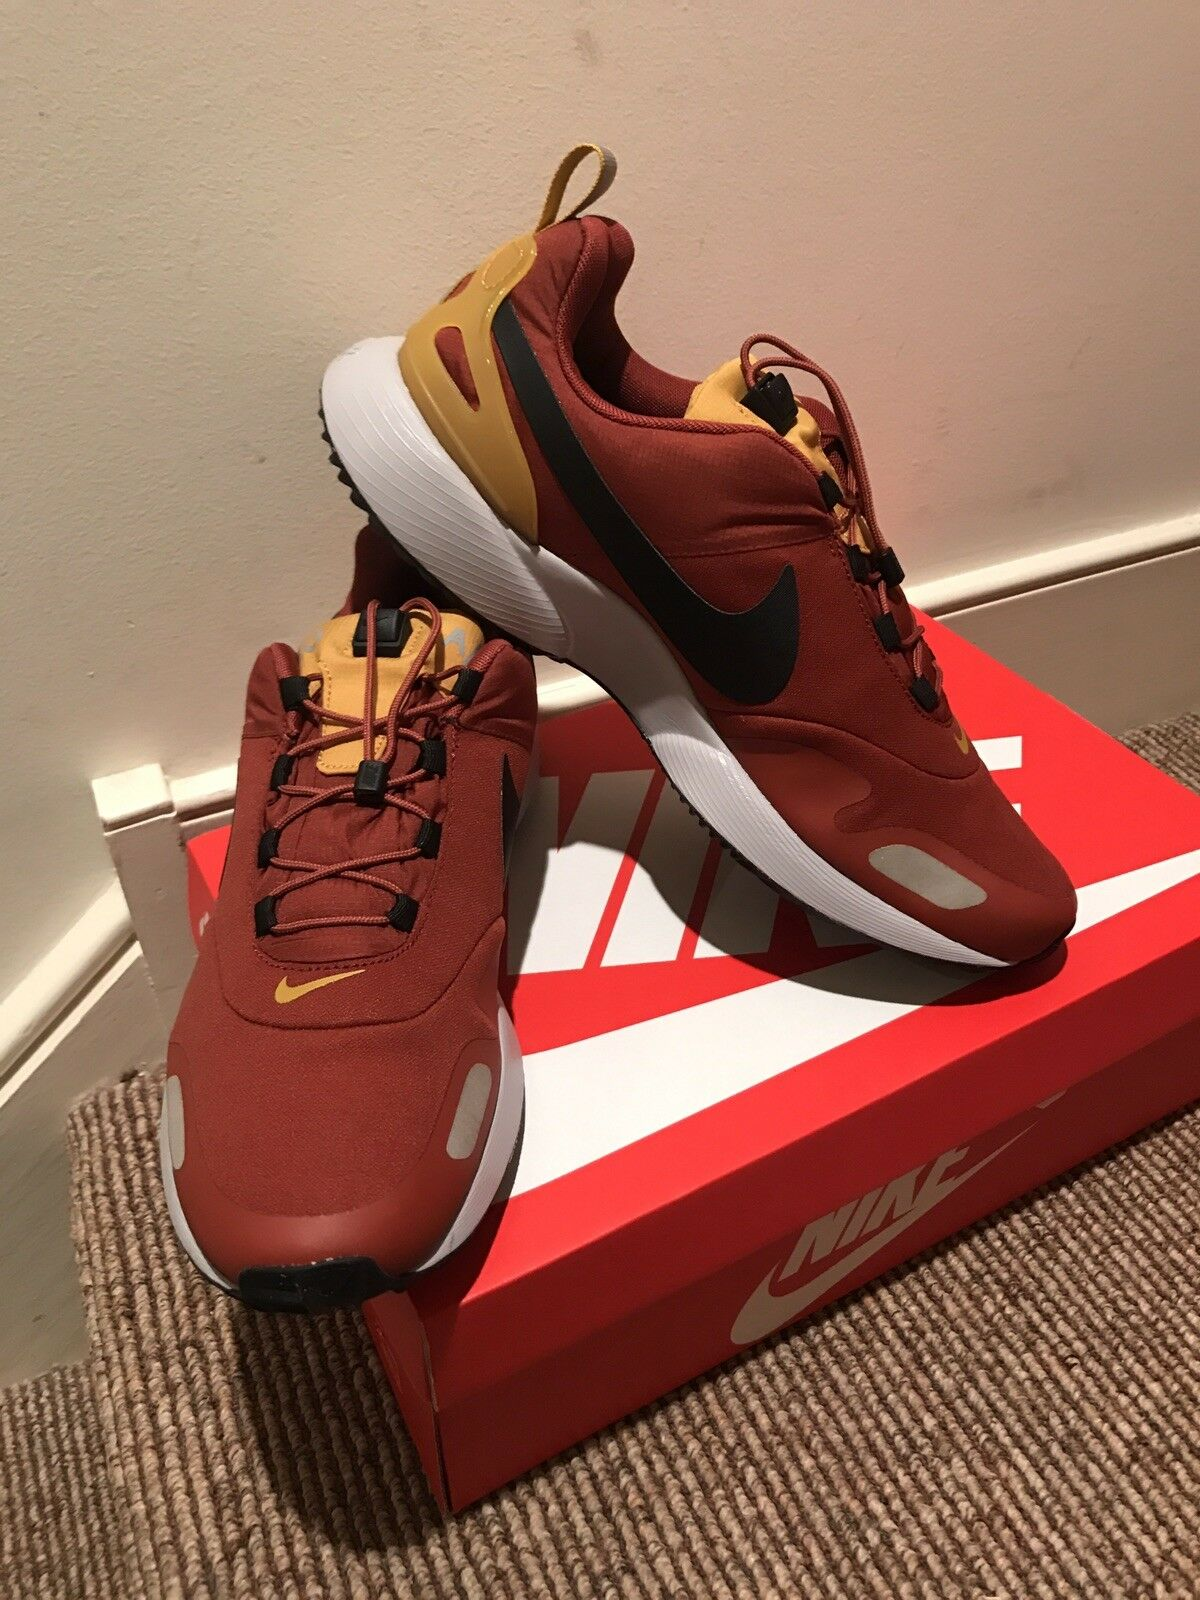 Nike Air Pegasus a / t NIB Marte piedra / Negro NIB t Hombre 924469 601Talla 9 y 10 el último descuento zapatos para hombres y mujeres 670cdd